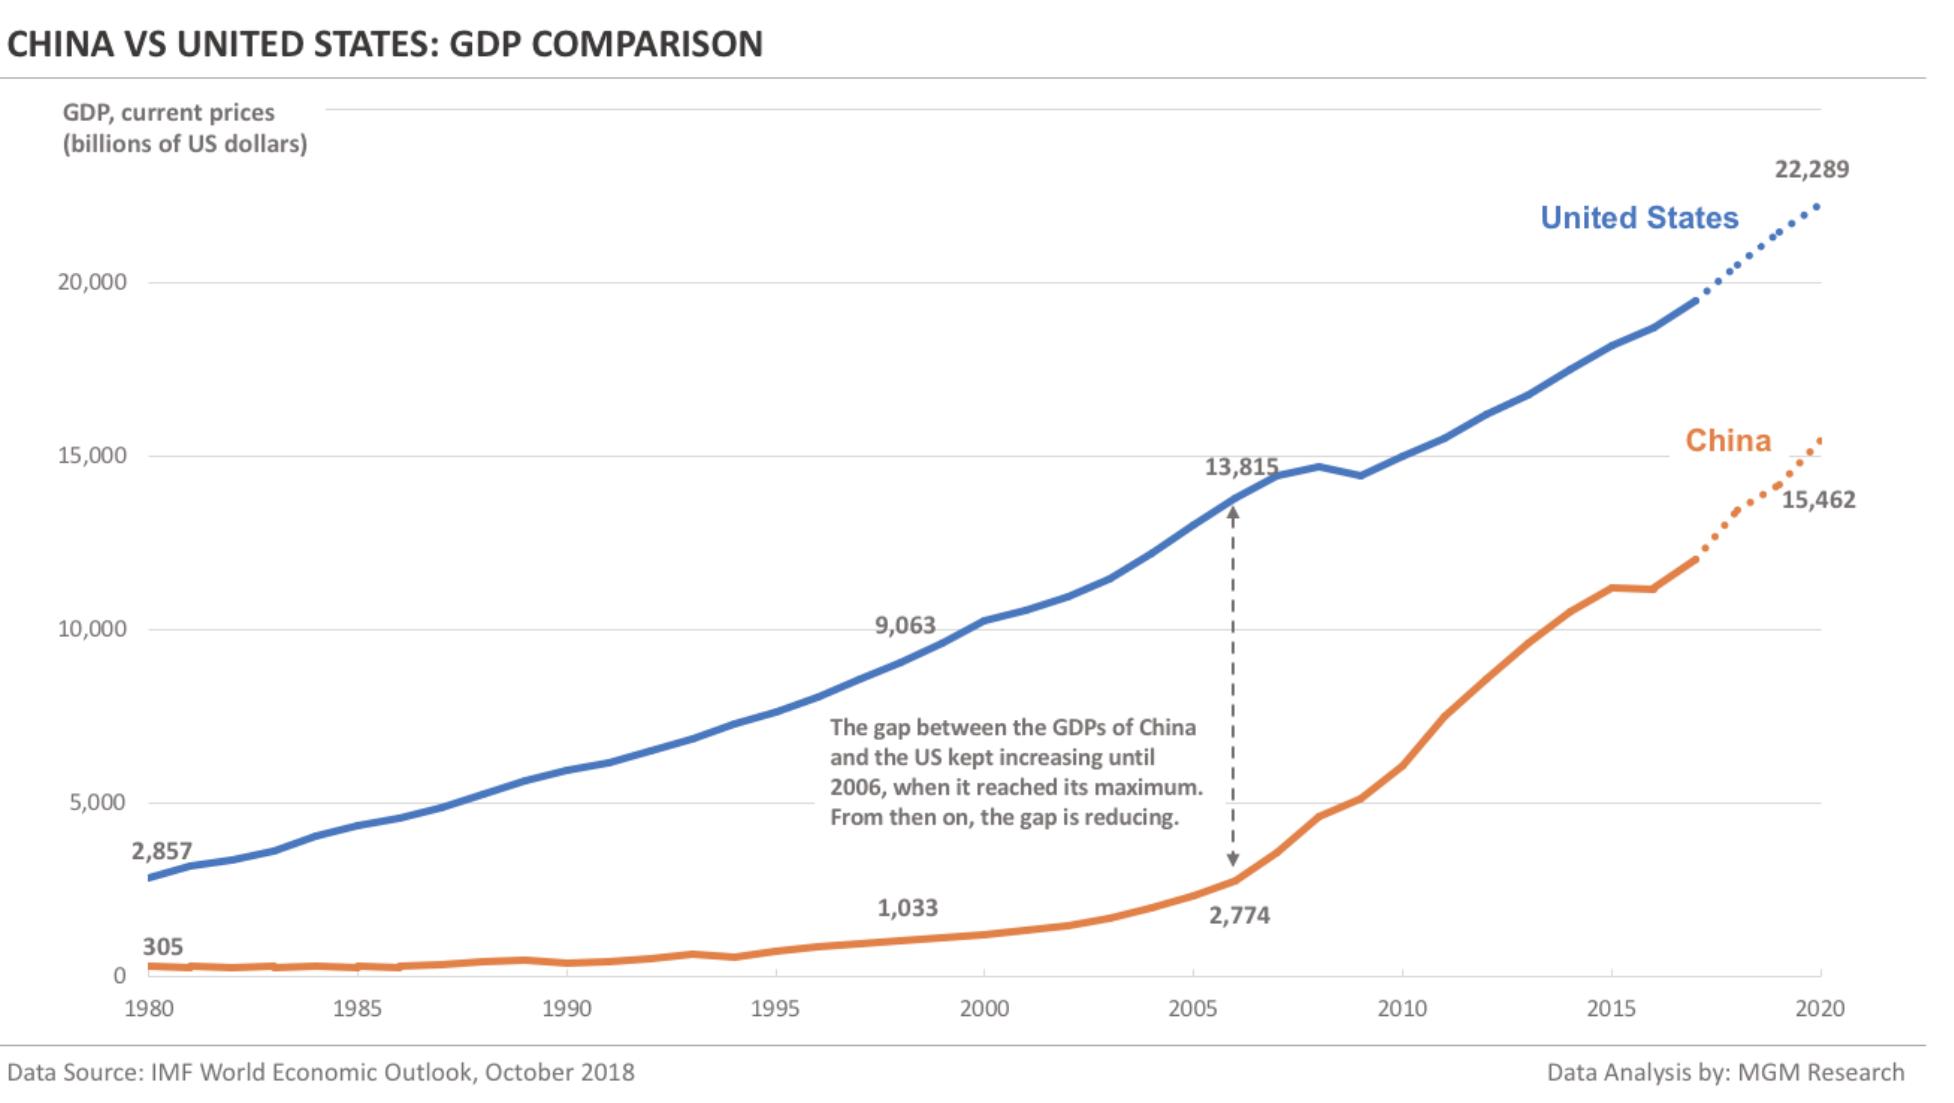 Hiina ja USA kogutoodangud 1980-2020 perioodil ostujõu pariteedi faktorit arvesse võttes